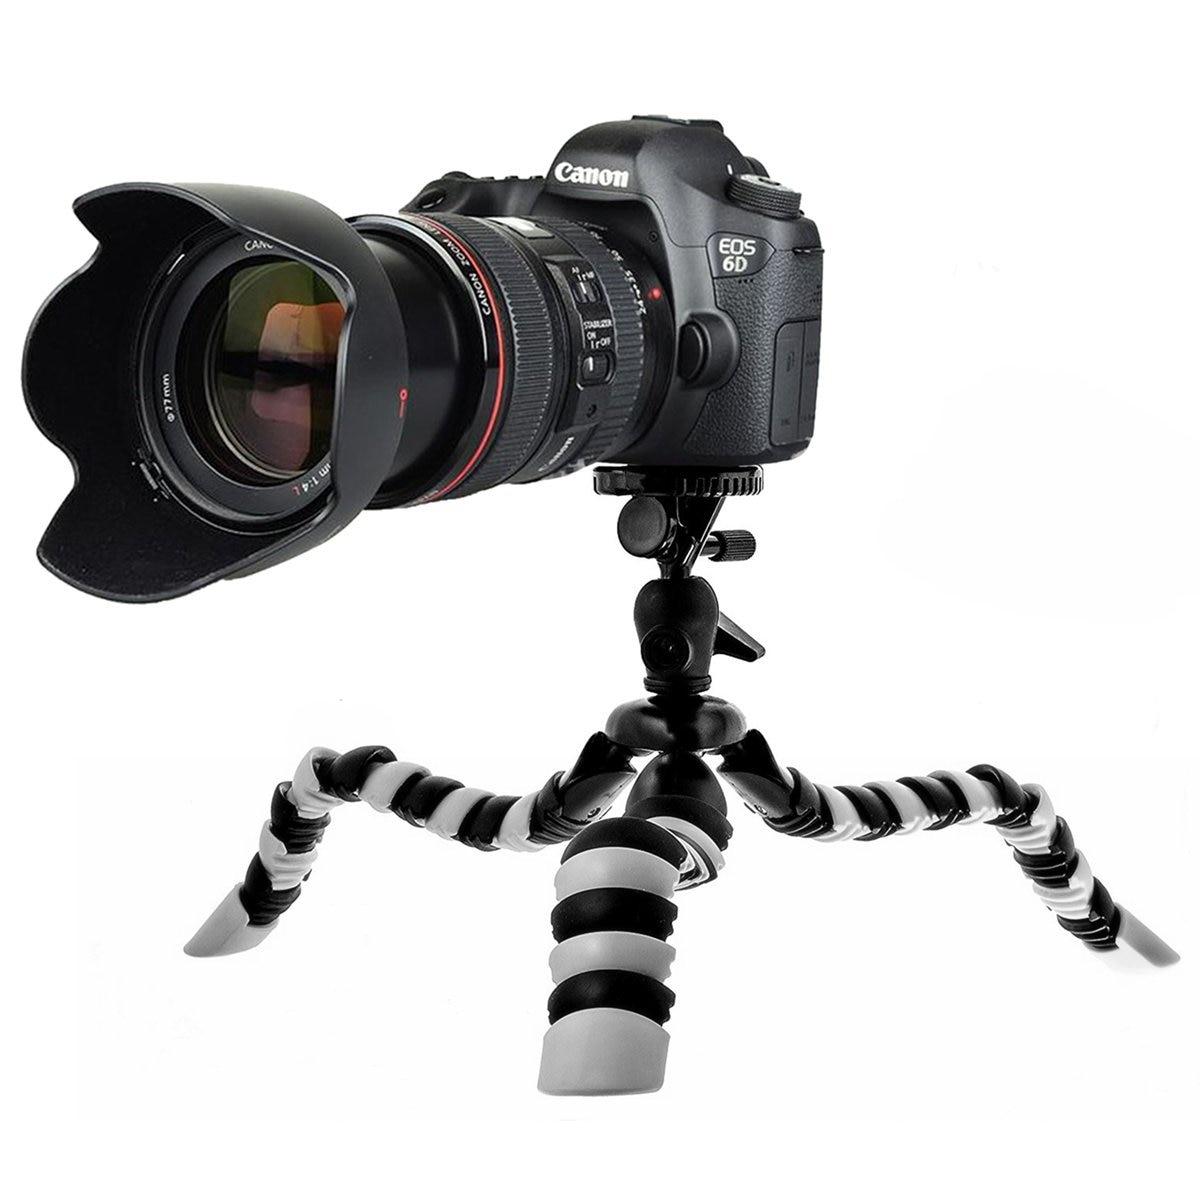 2019 Neuestes Design Flexible Octopus Mobile Mini Stativ Gorillapod Für Iphone Canon Nikon Sony Sport Digit Kamera Tisch Schreibtisch Stativ Mit Clip Extrem Effizient In Der WäRmeerhaltung